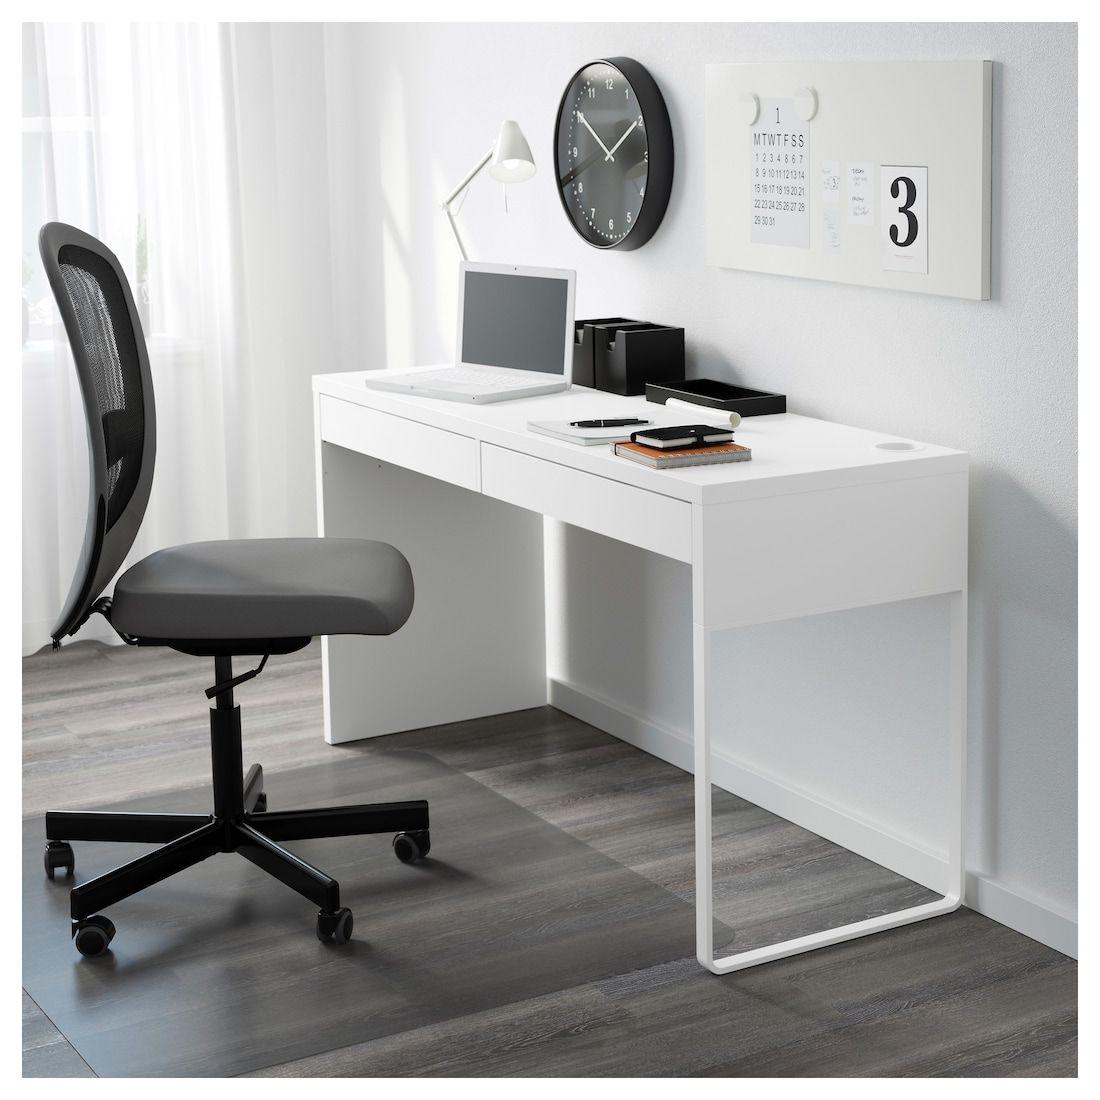 Micke Desk White 55 7 8x19 5 8 Ikea Small Desk Micke Desk